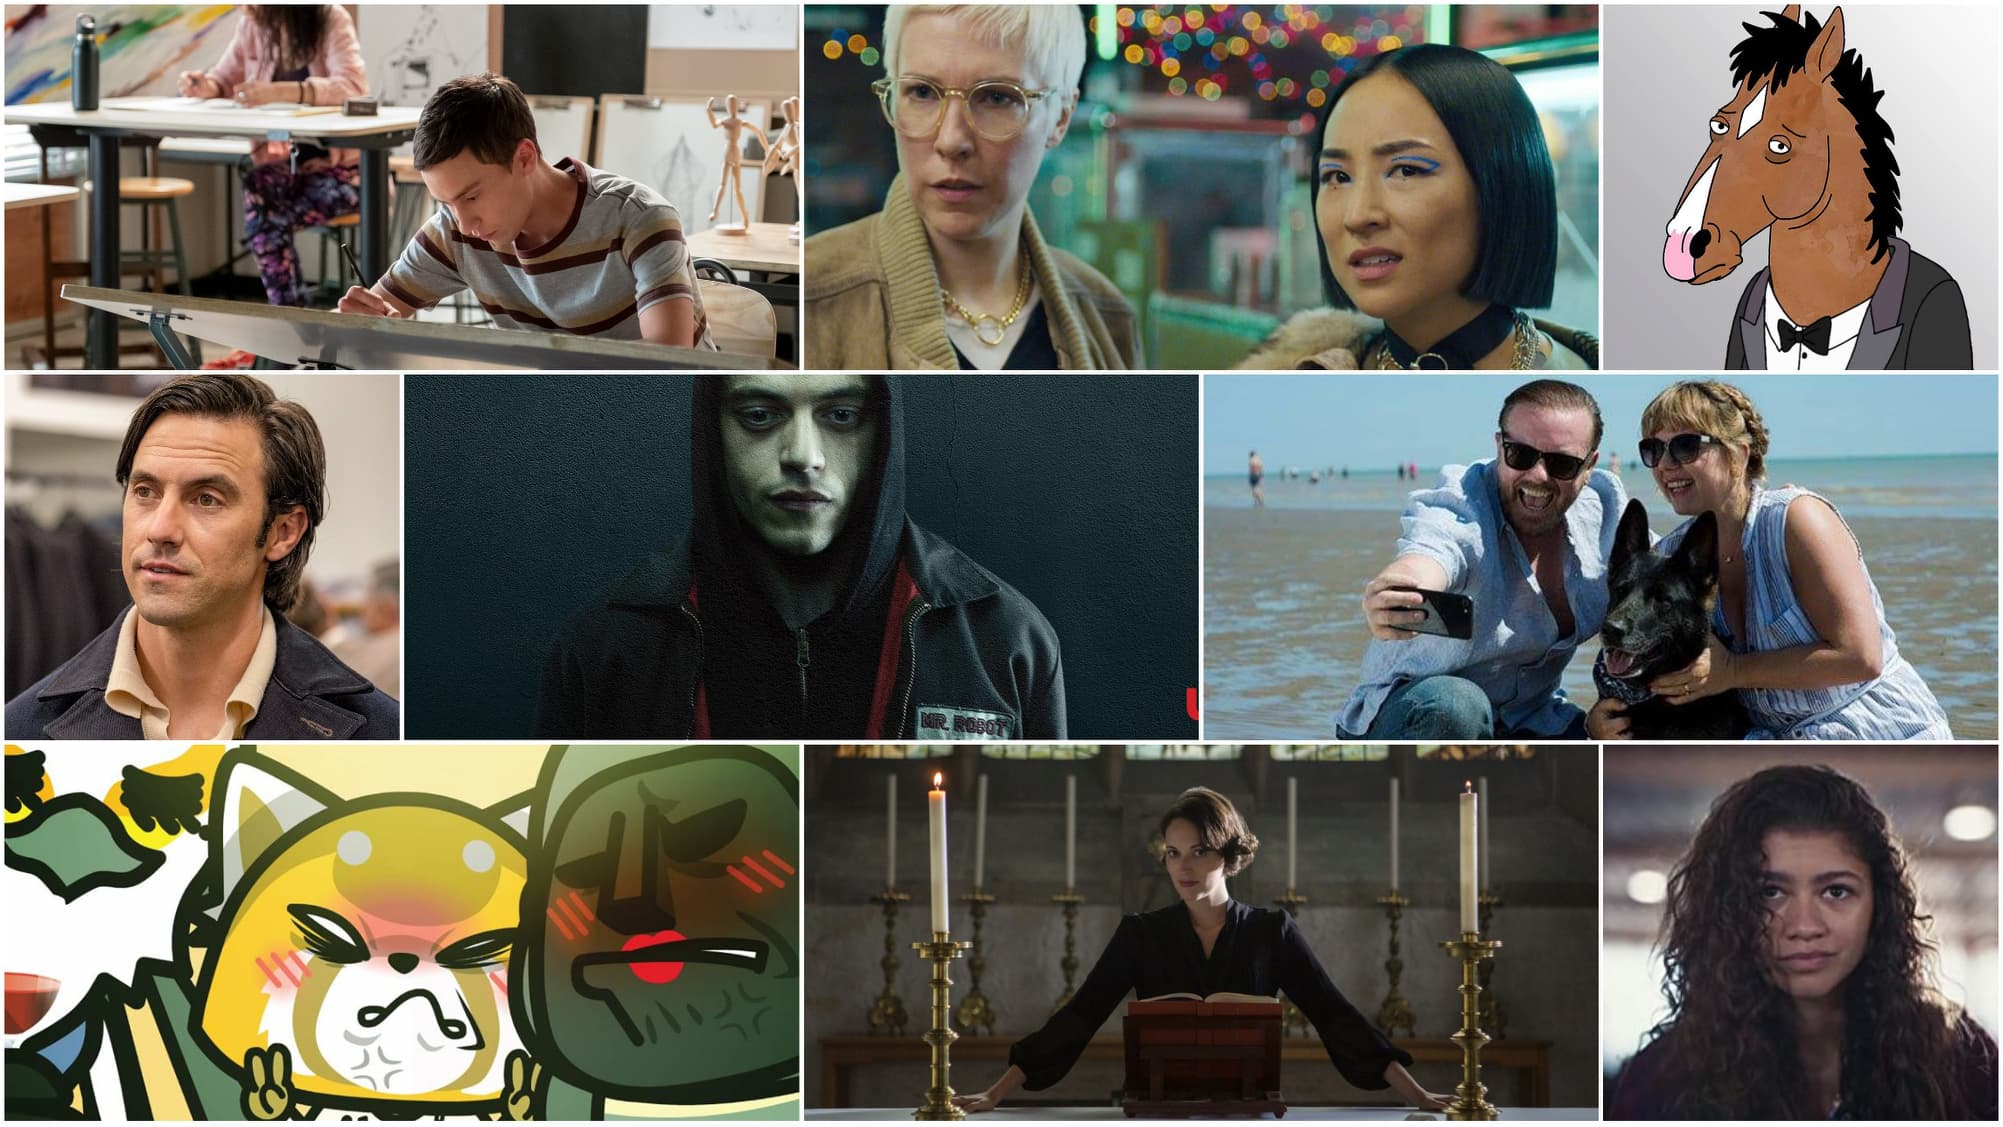 comedia-drama-y-ciencia-ficcion-series-que-abordan-la-salud-mental